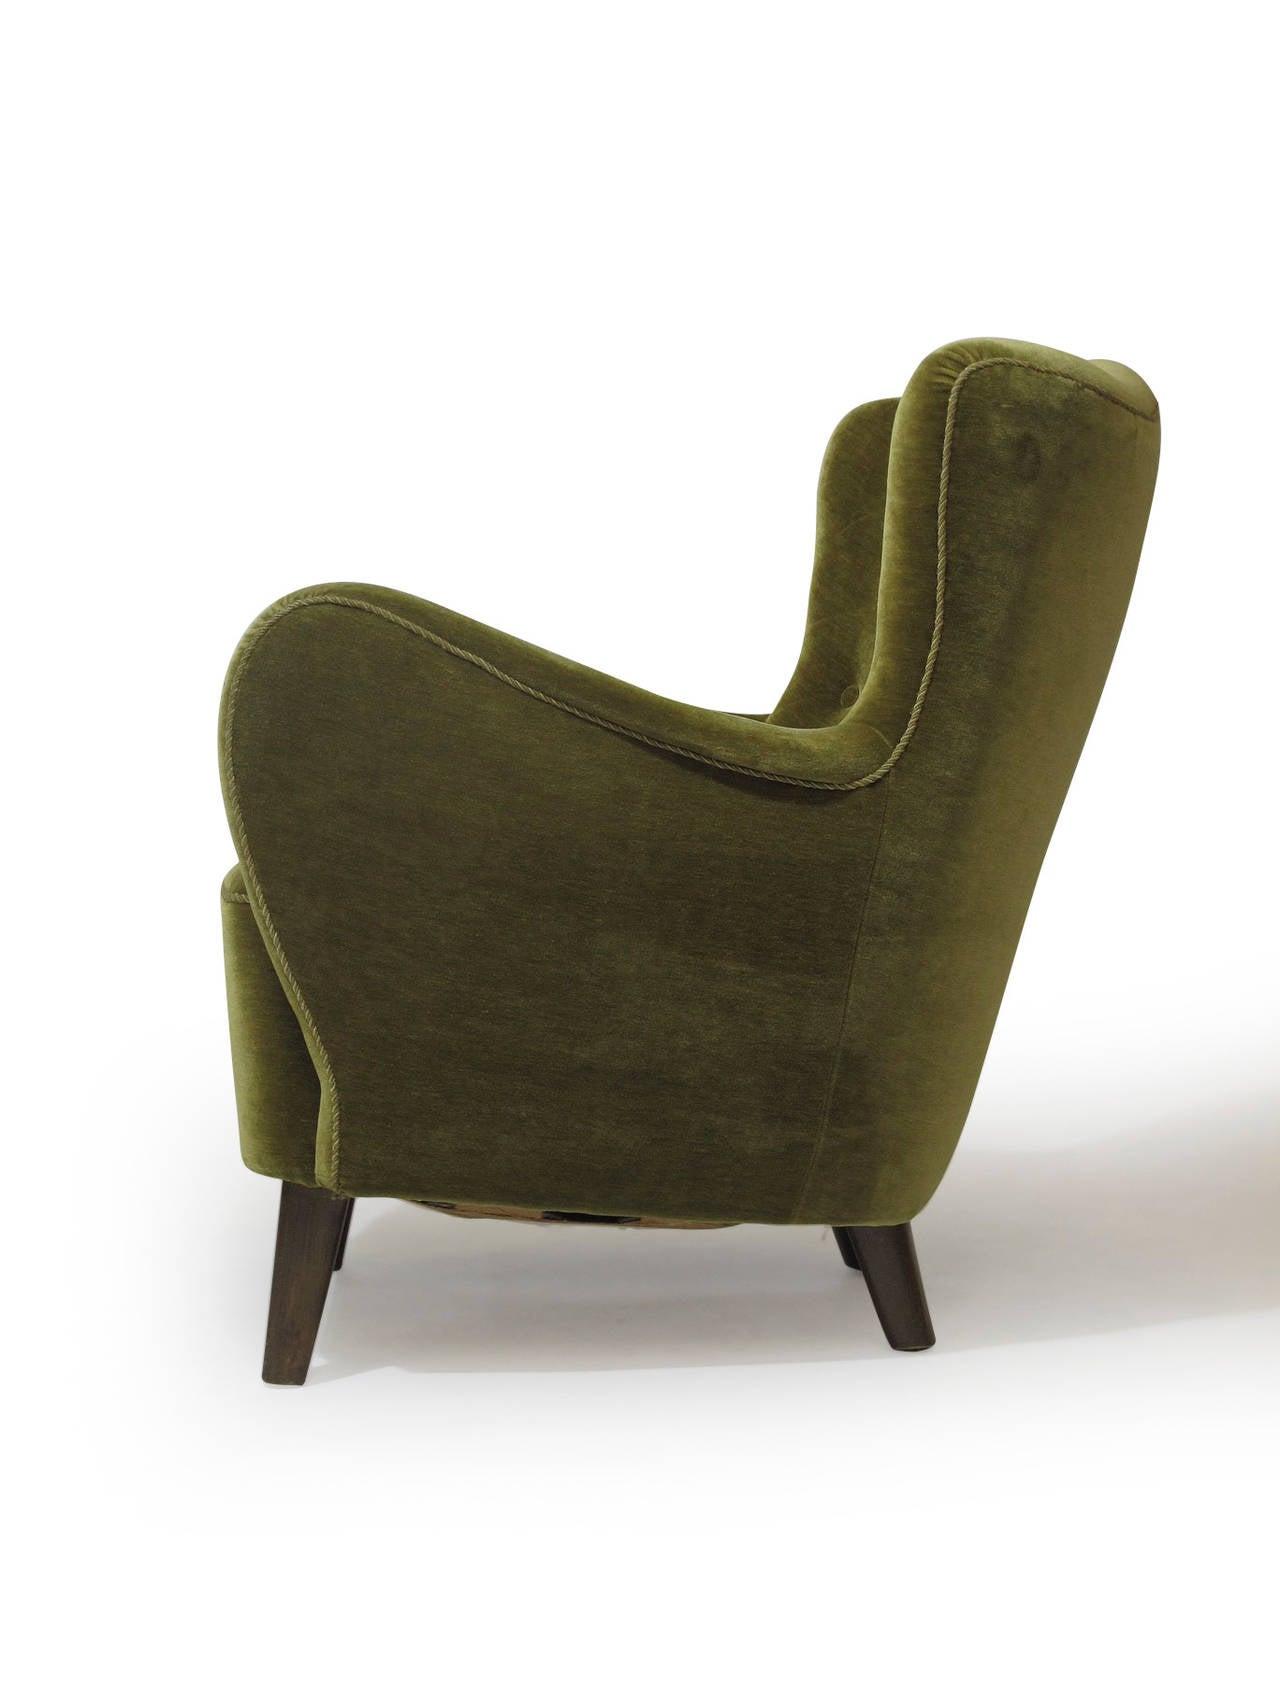 Scandinavian Mohair Club Chair At 1stdibs